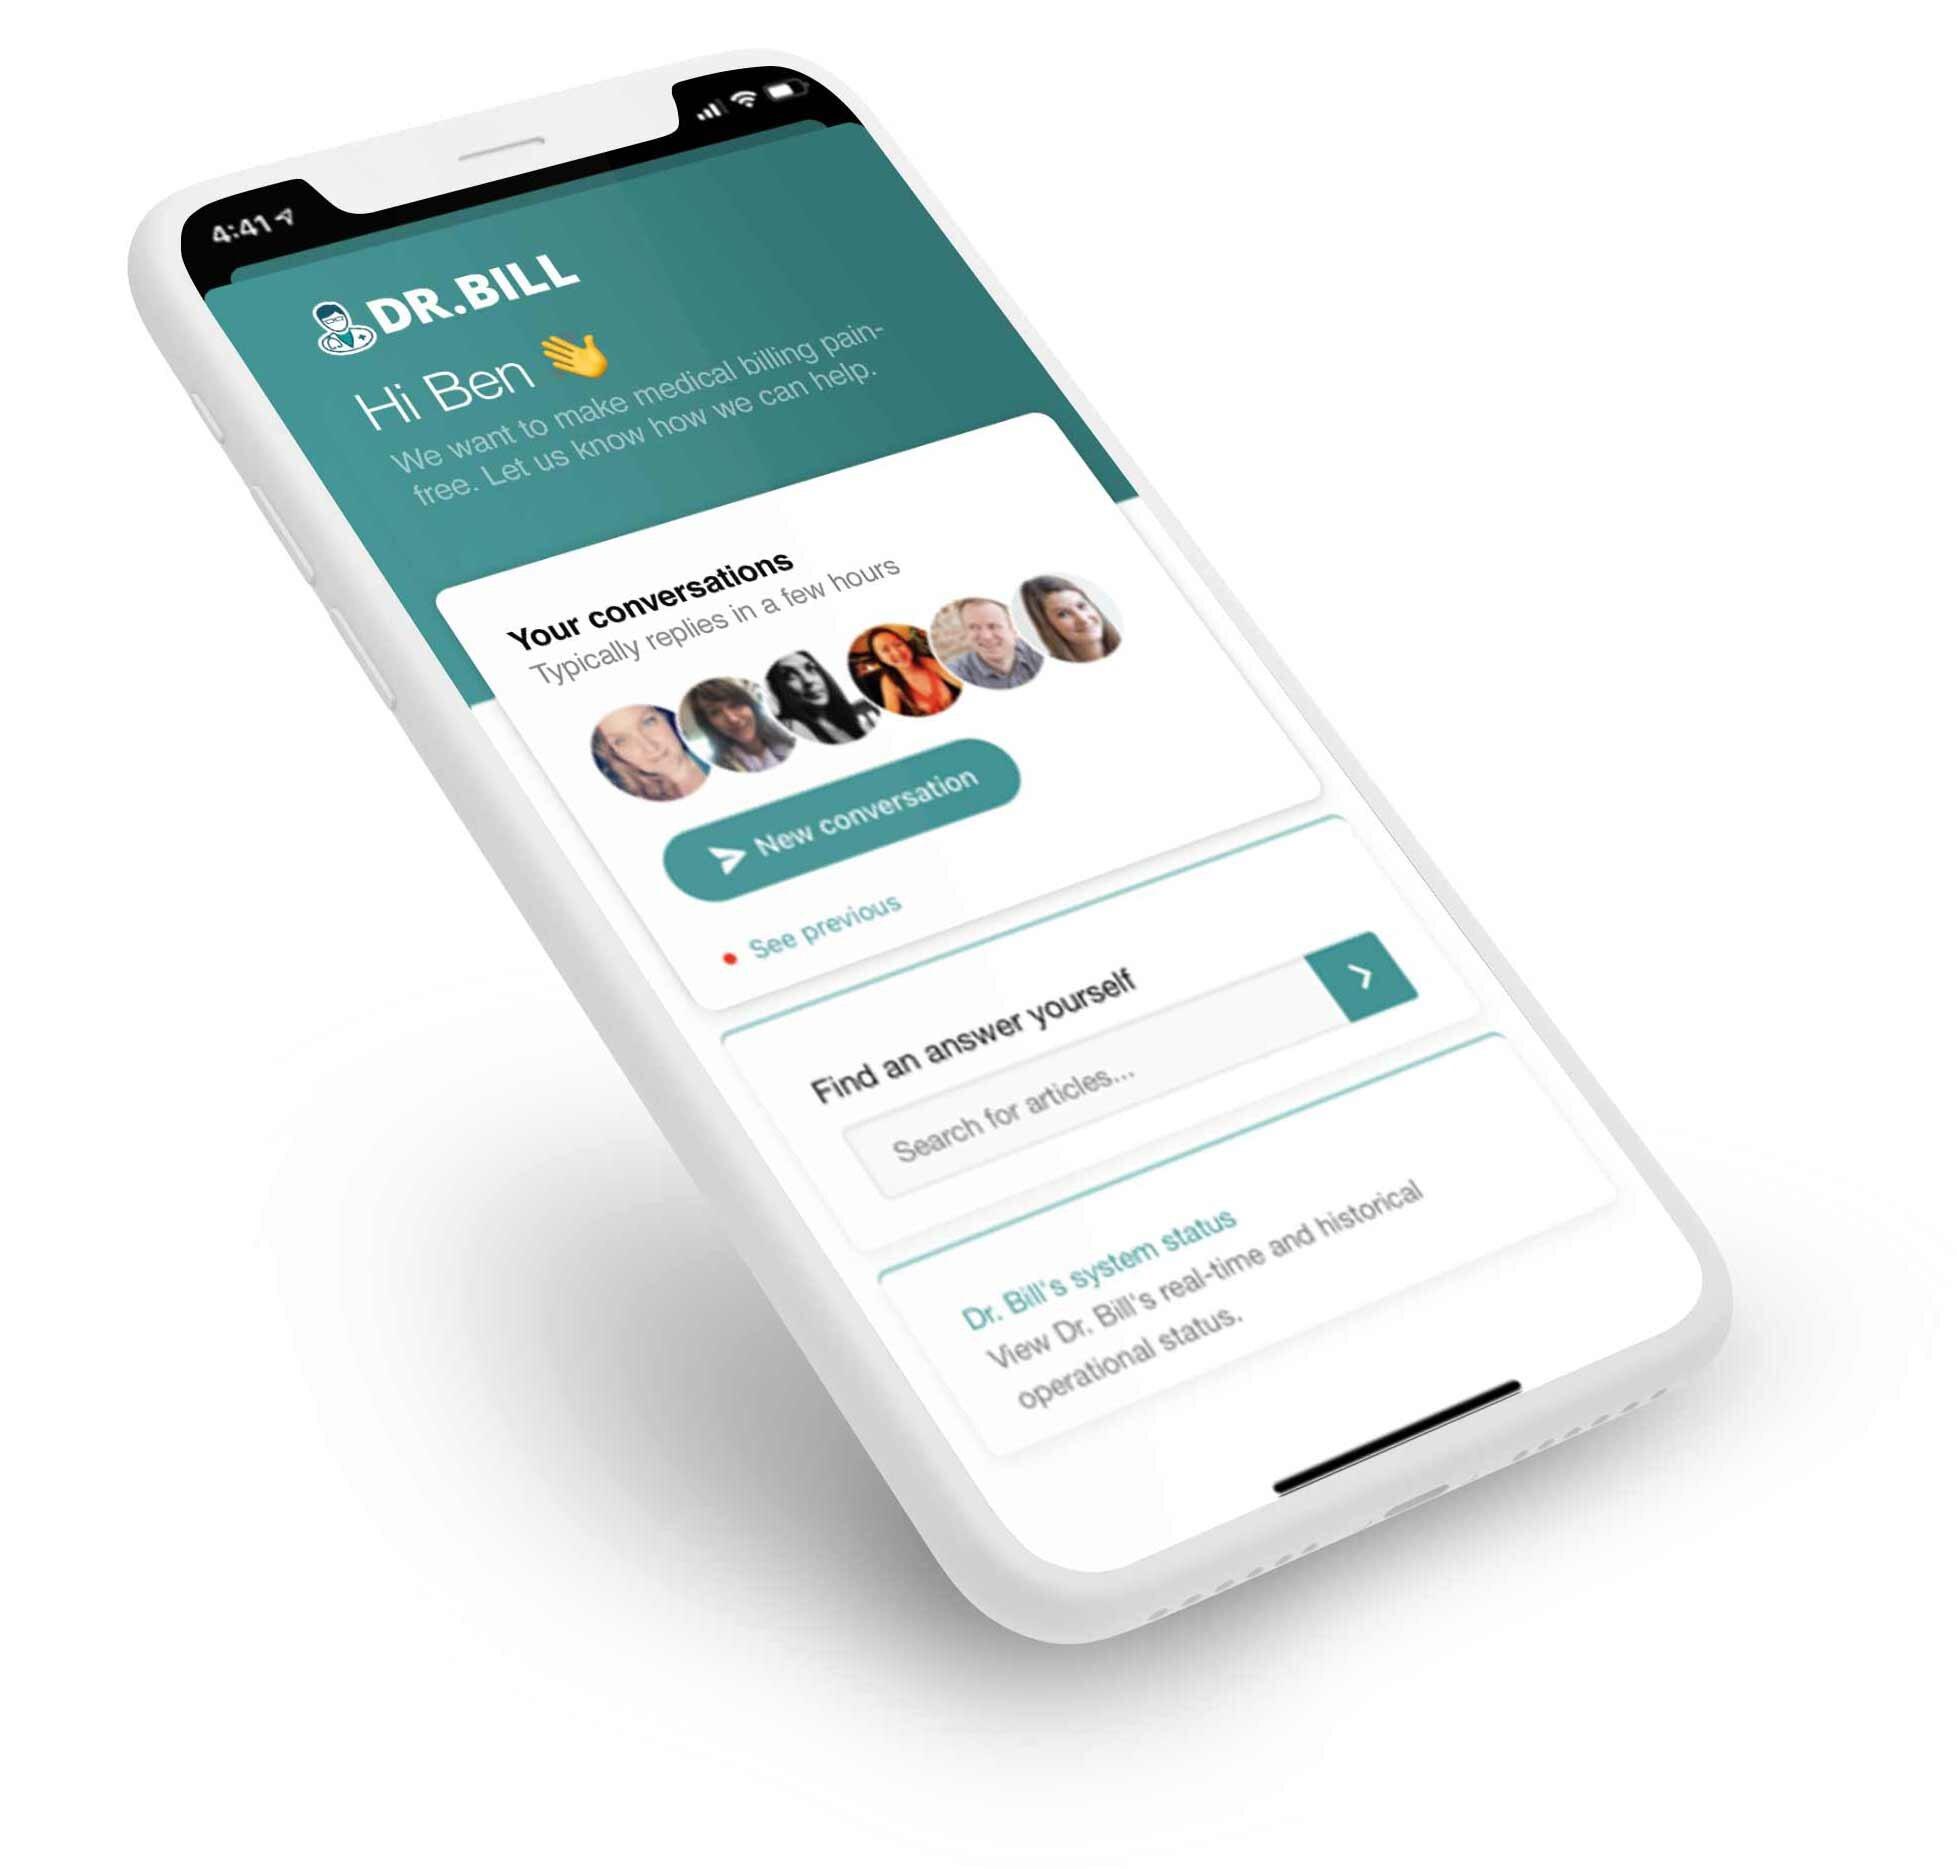 Dr. Bill app snapshot, new to billing